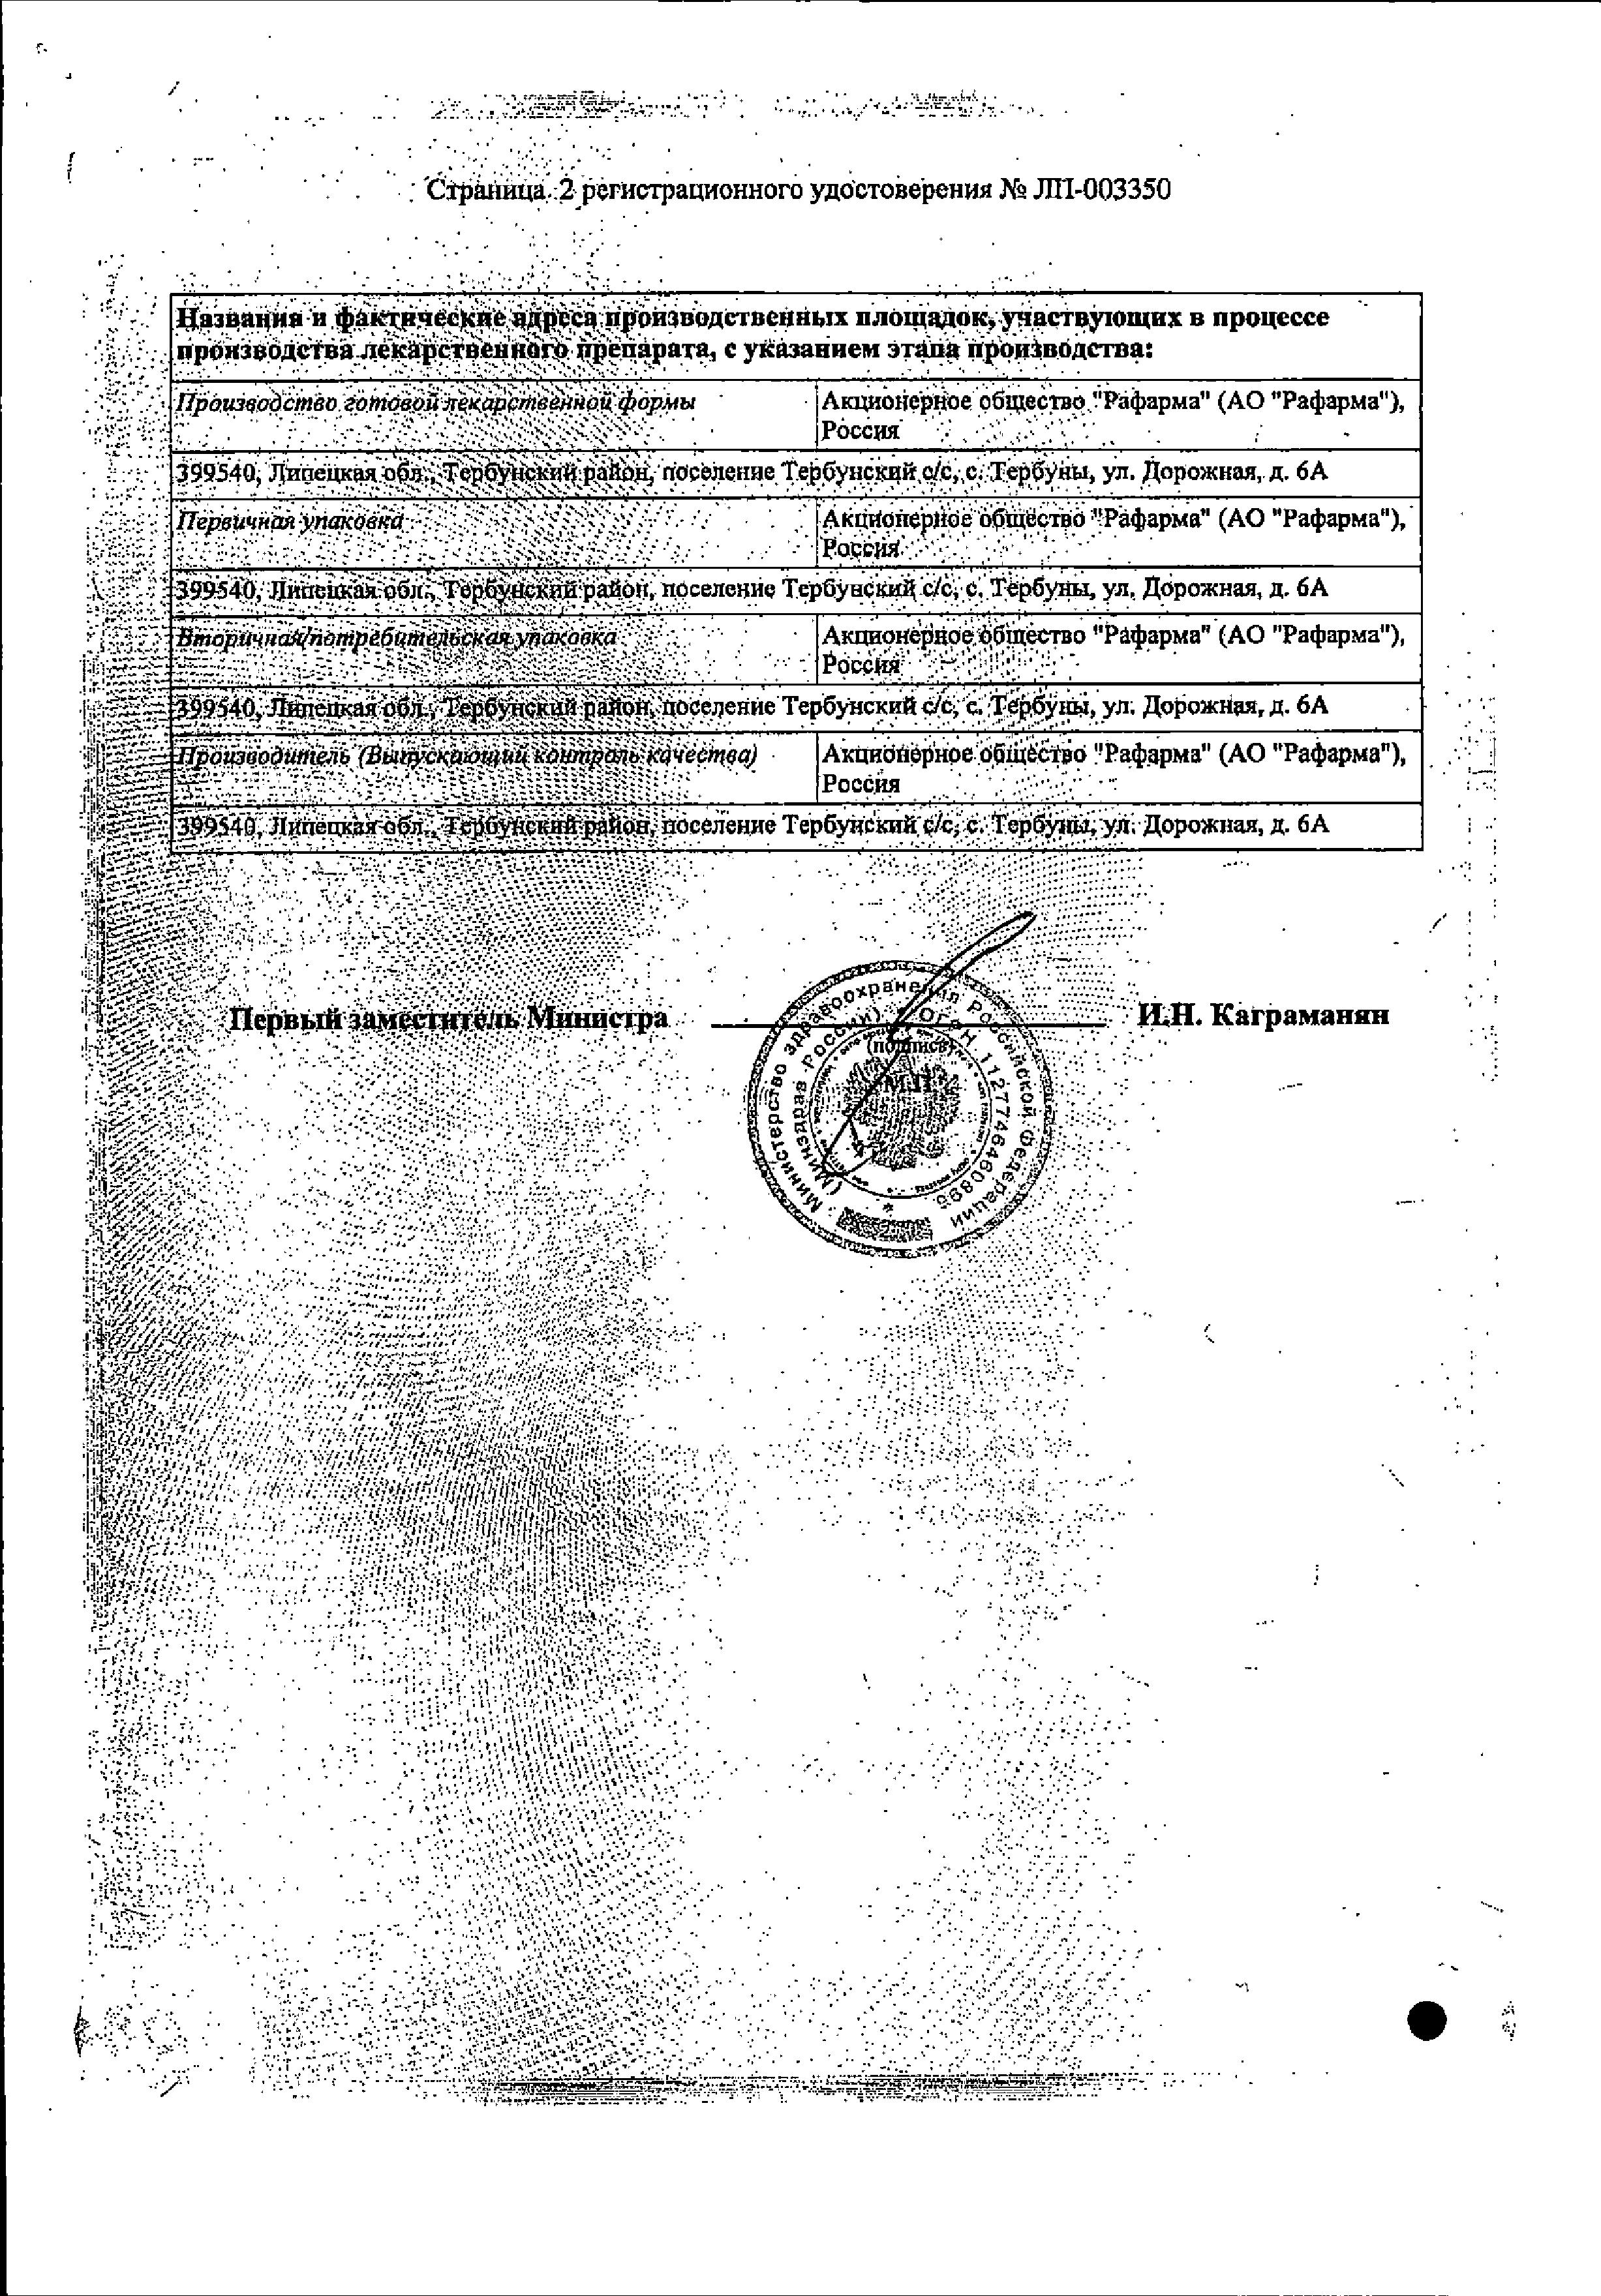 Цефтазидим сертификат